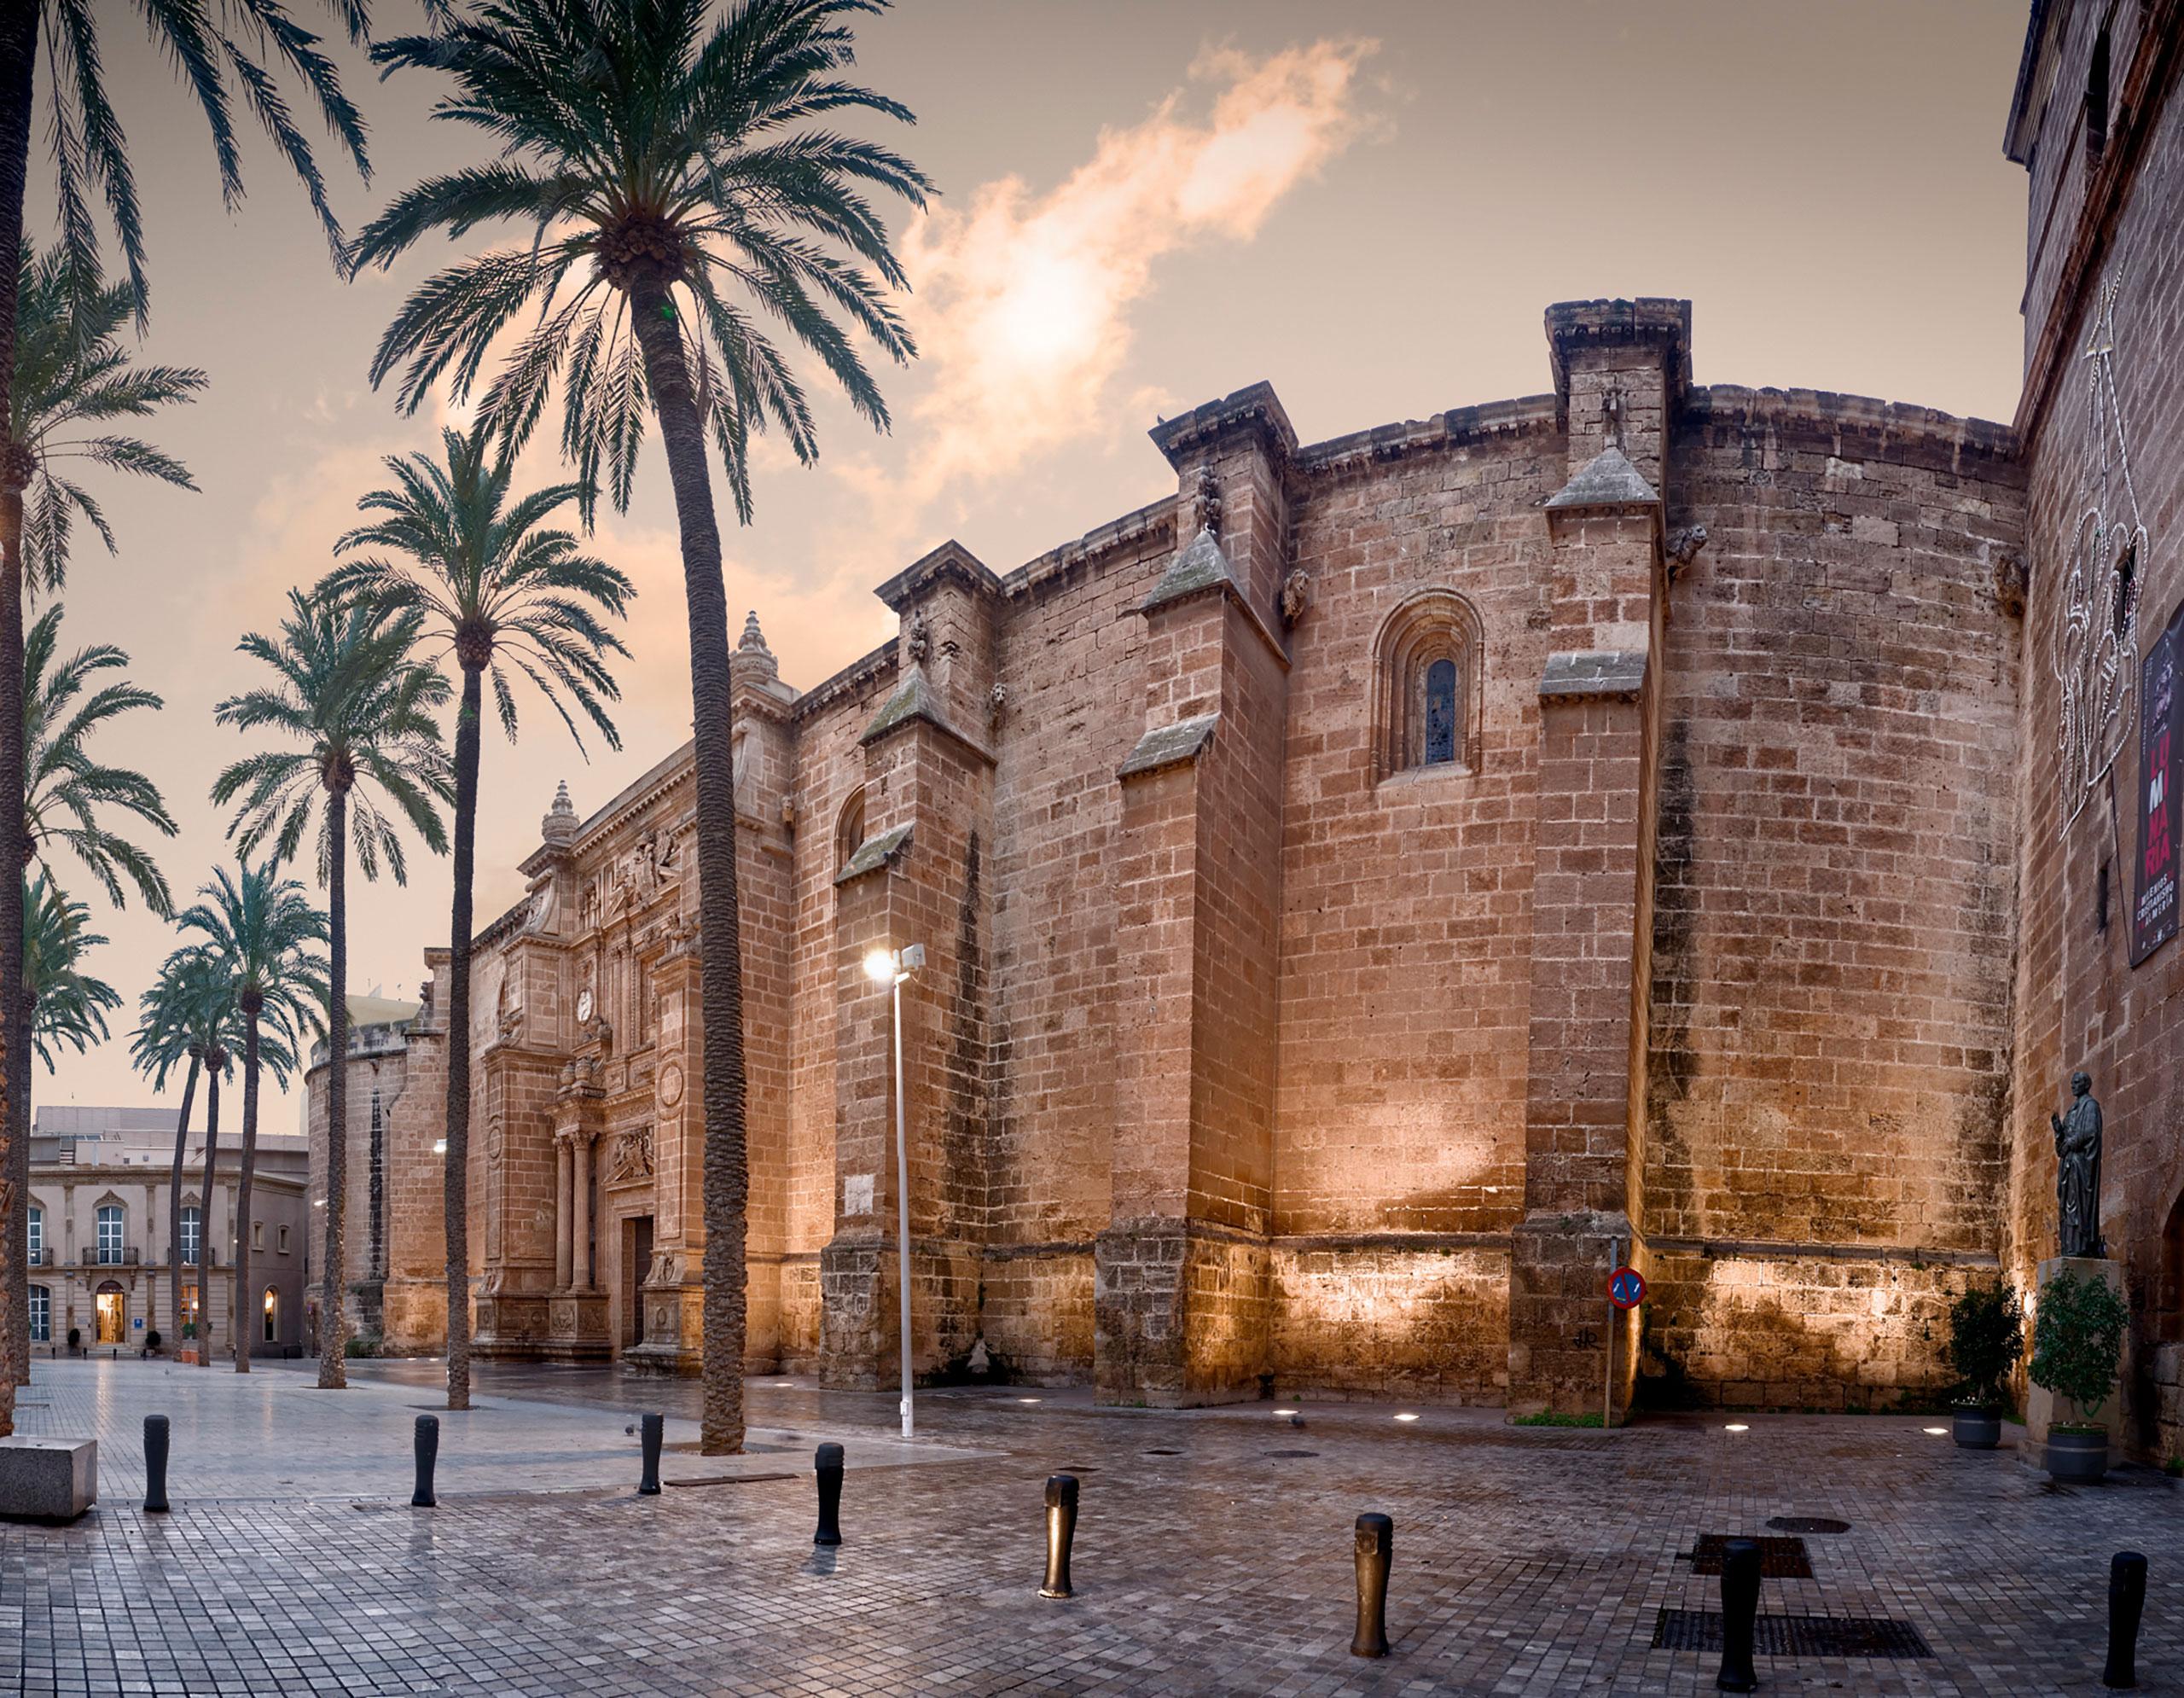 la catedral de almeria